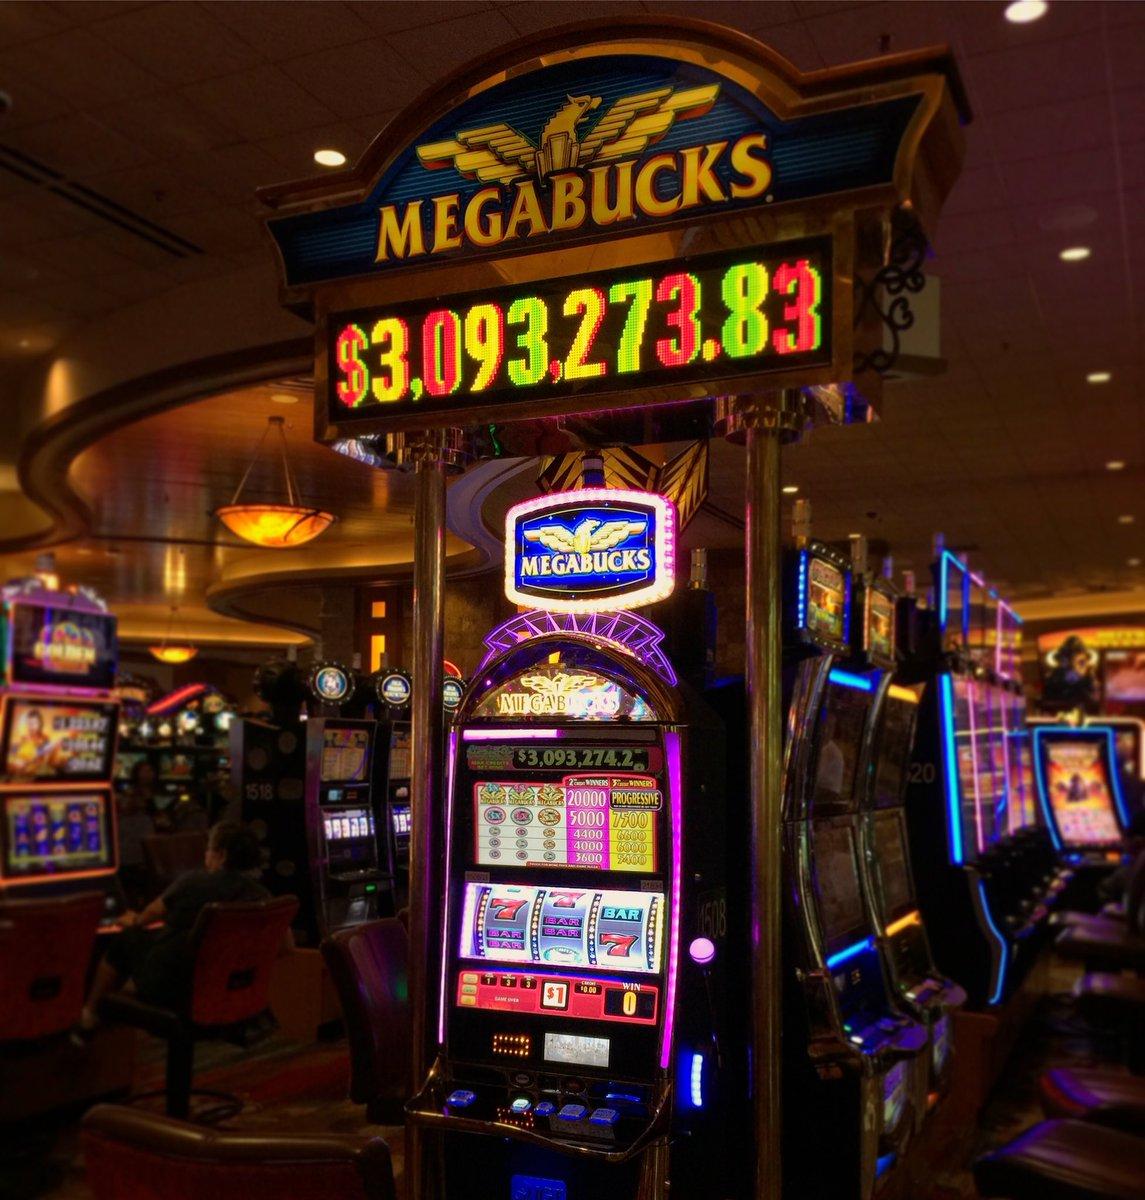 """Pechanga Resort Casino di Twitter: """"Ini Hari Jutawan!  Coba keberuntungan Anda di Megabucks!  Jackpot sekarang lebih dari $ 3 juta!  ? # SlotMachineSunday #Pechanga #Baru #SlotMachine #SlotMachines #Slots #Casino # Menang #"""